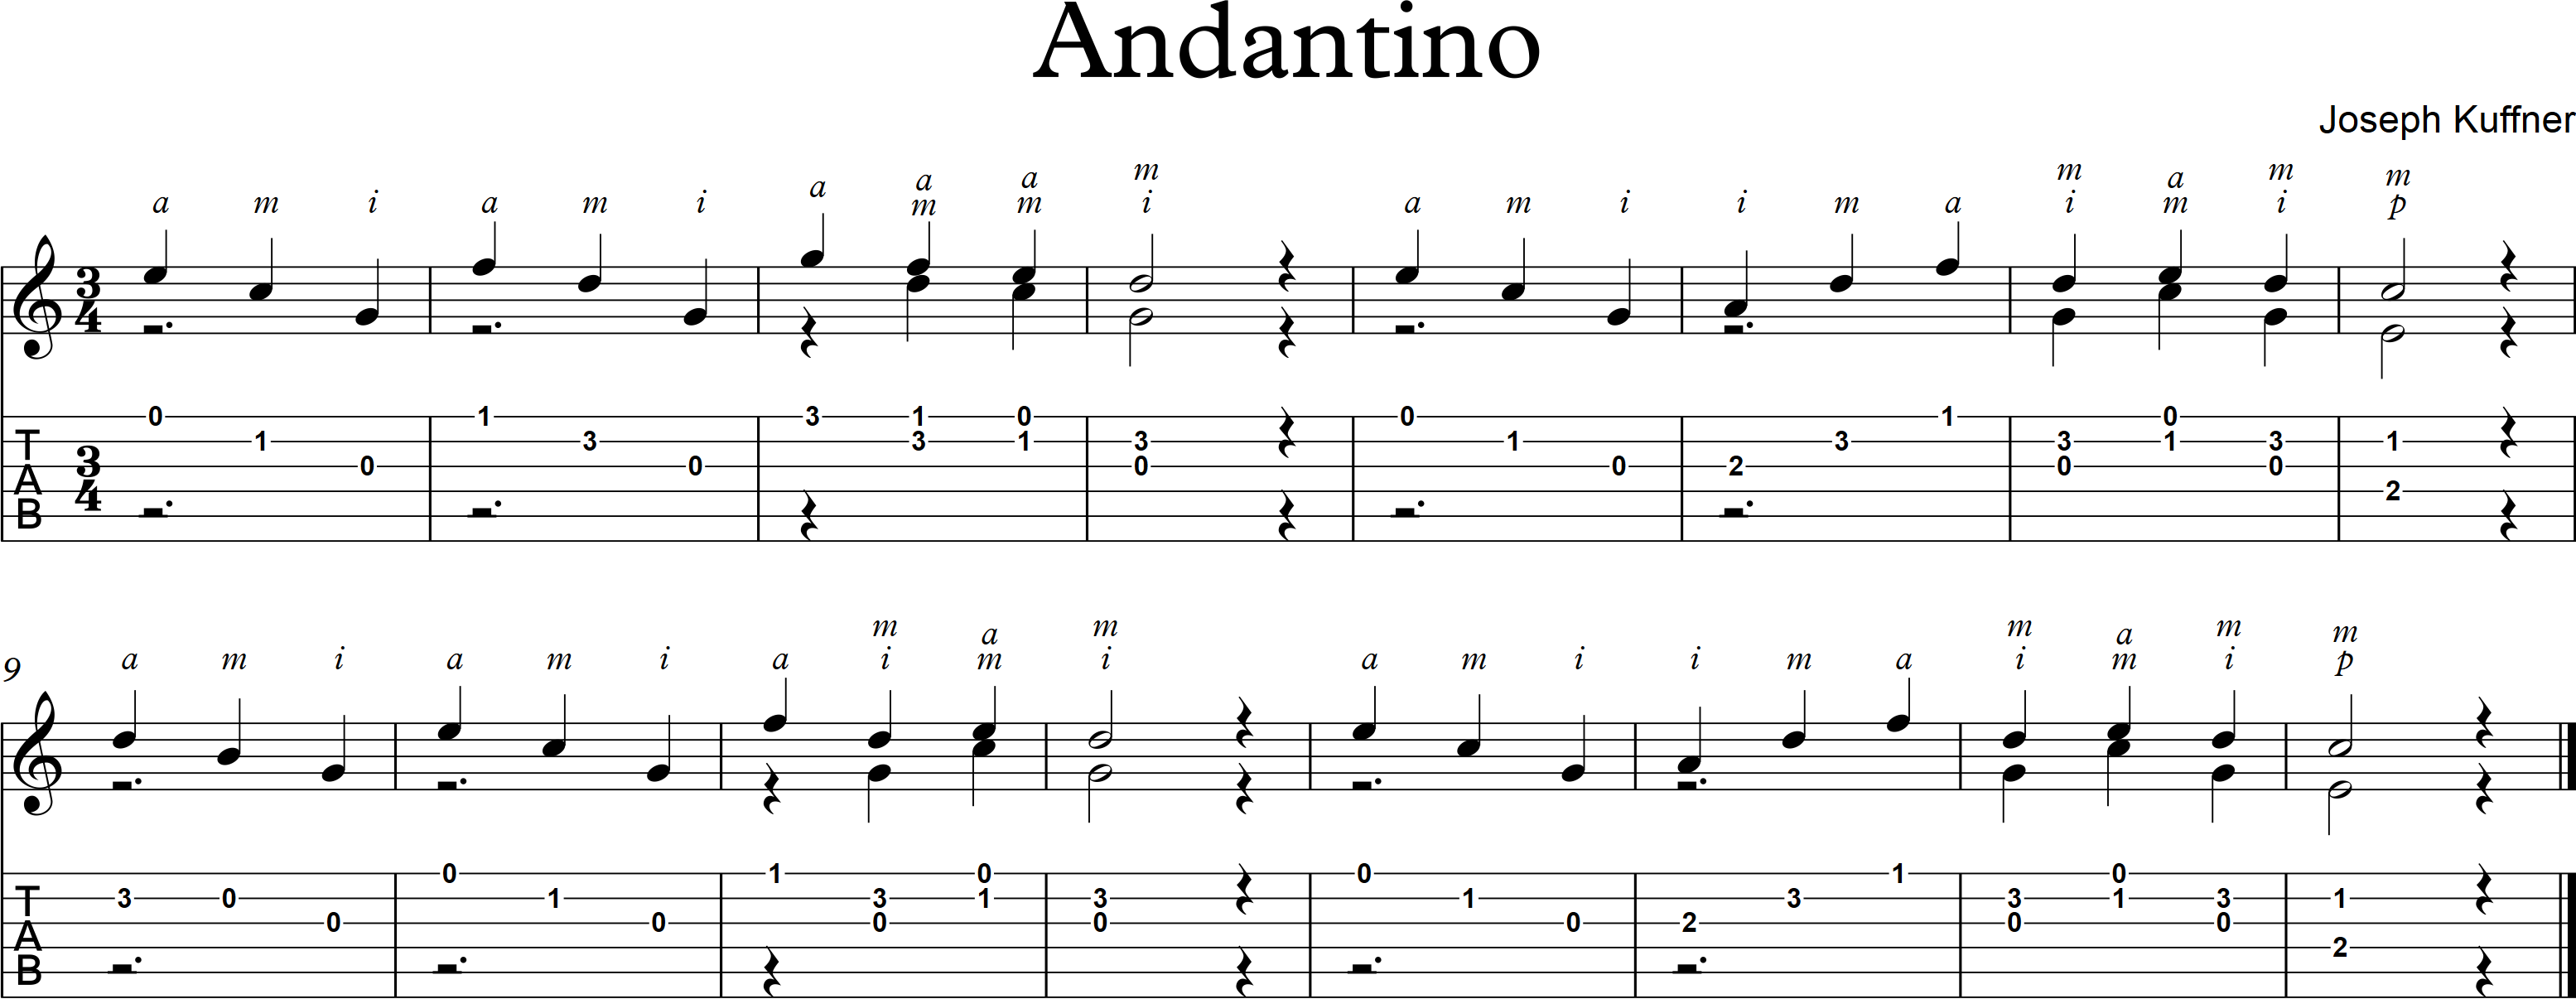 Andantino - Joseph Kuffner